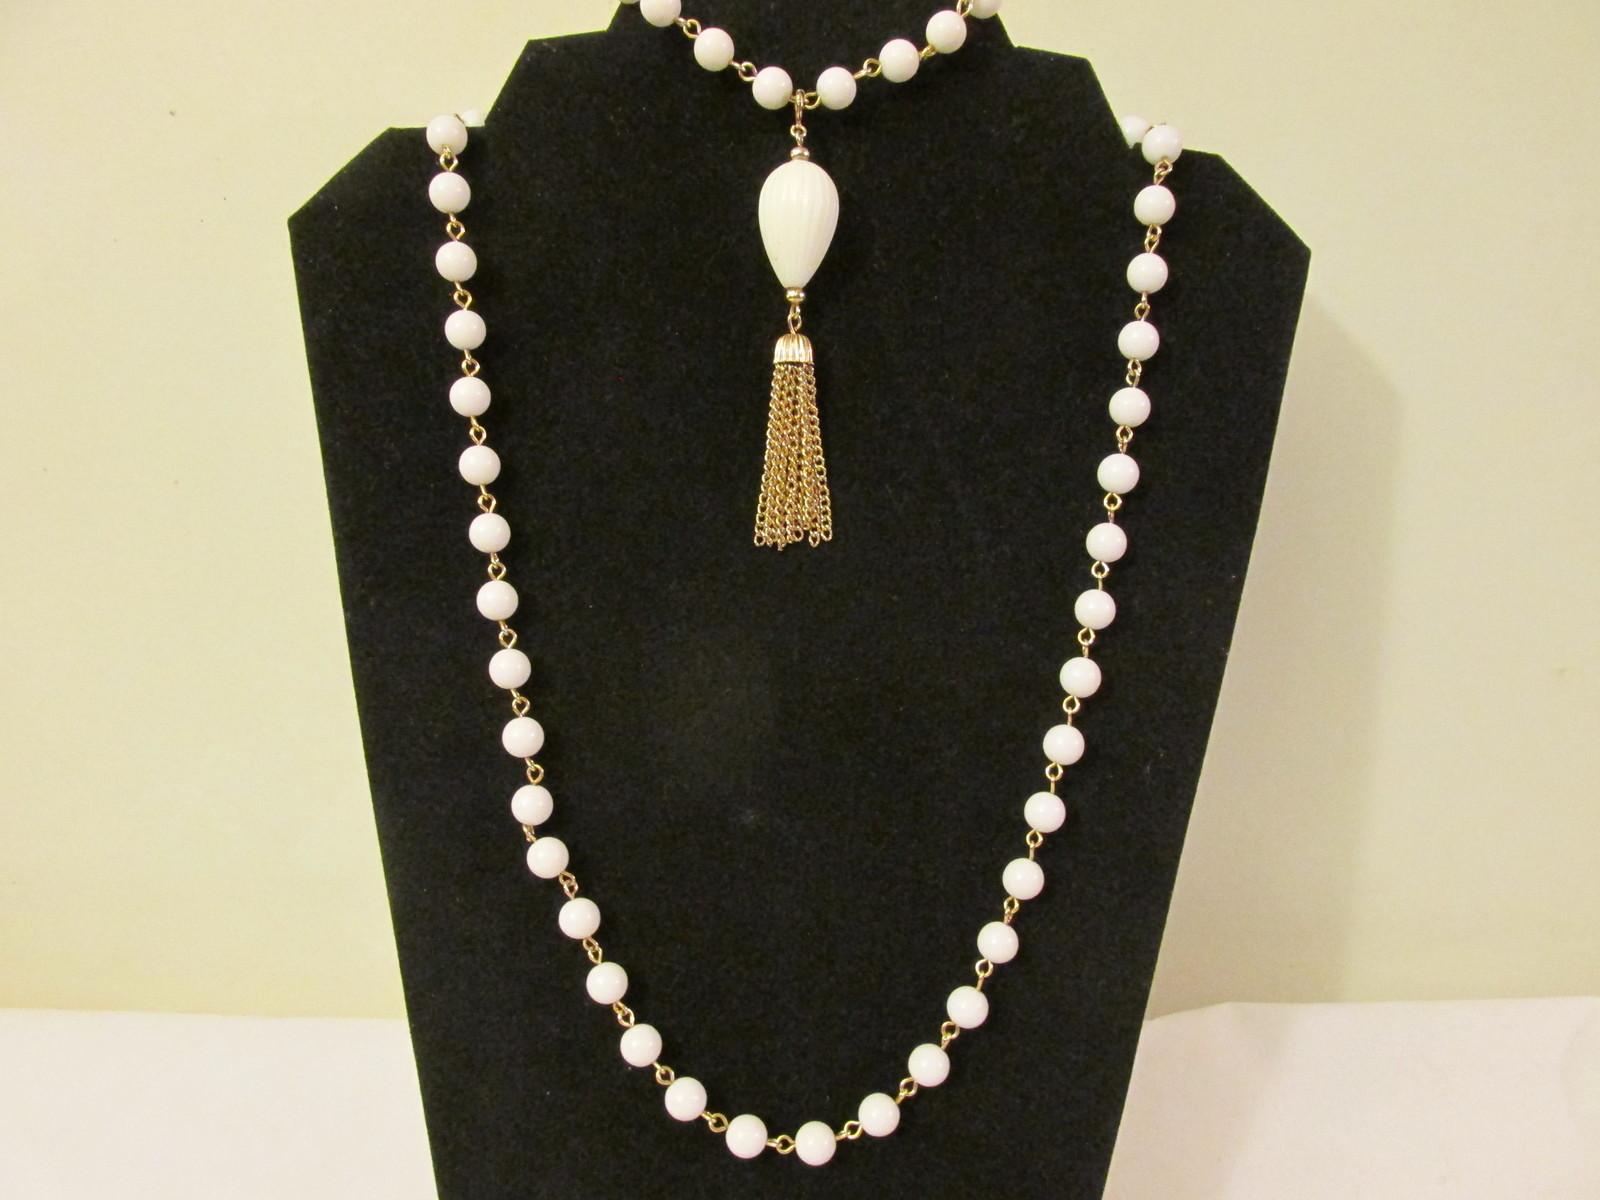 """Retro / Vintage Avon """"Sonnet"""" Convertible Necklace and Bracelet Set - 1973"""